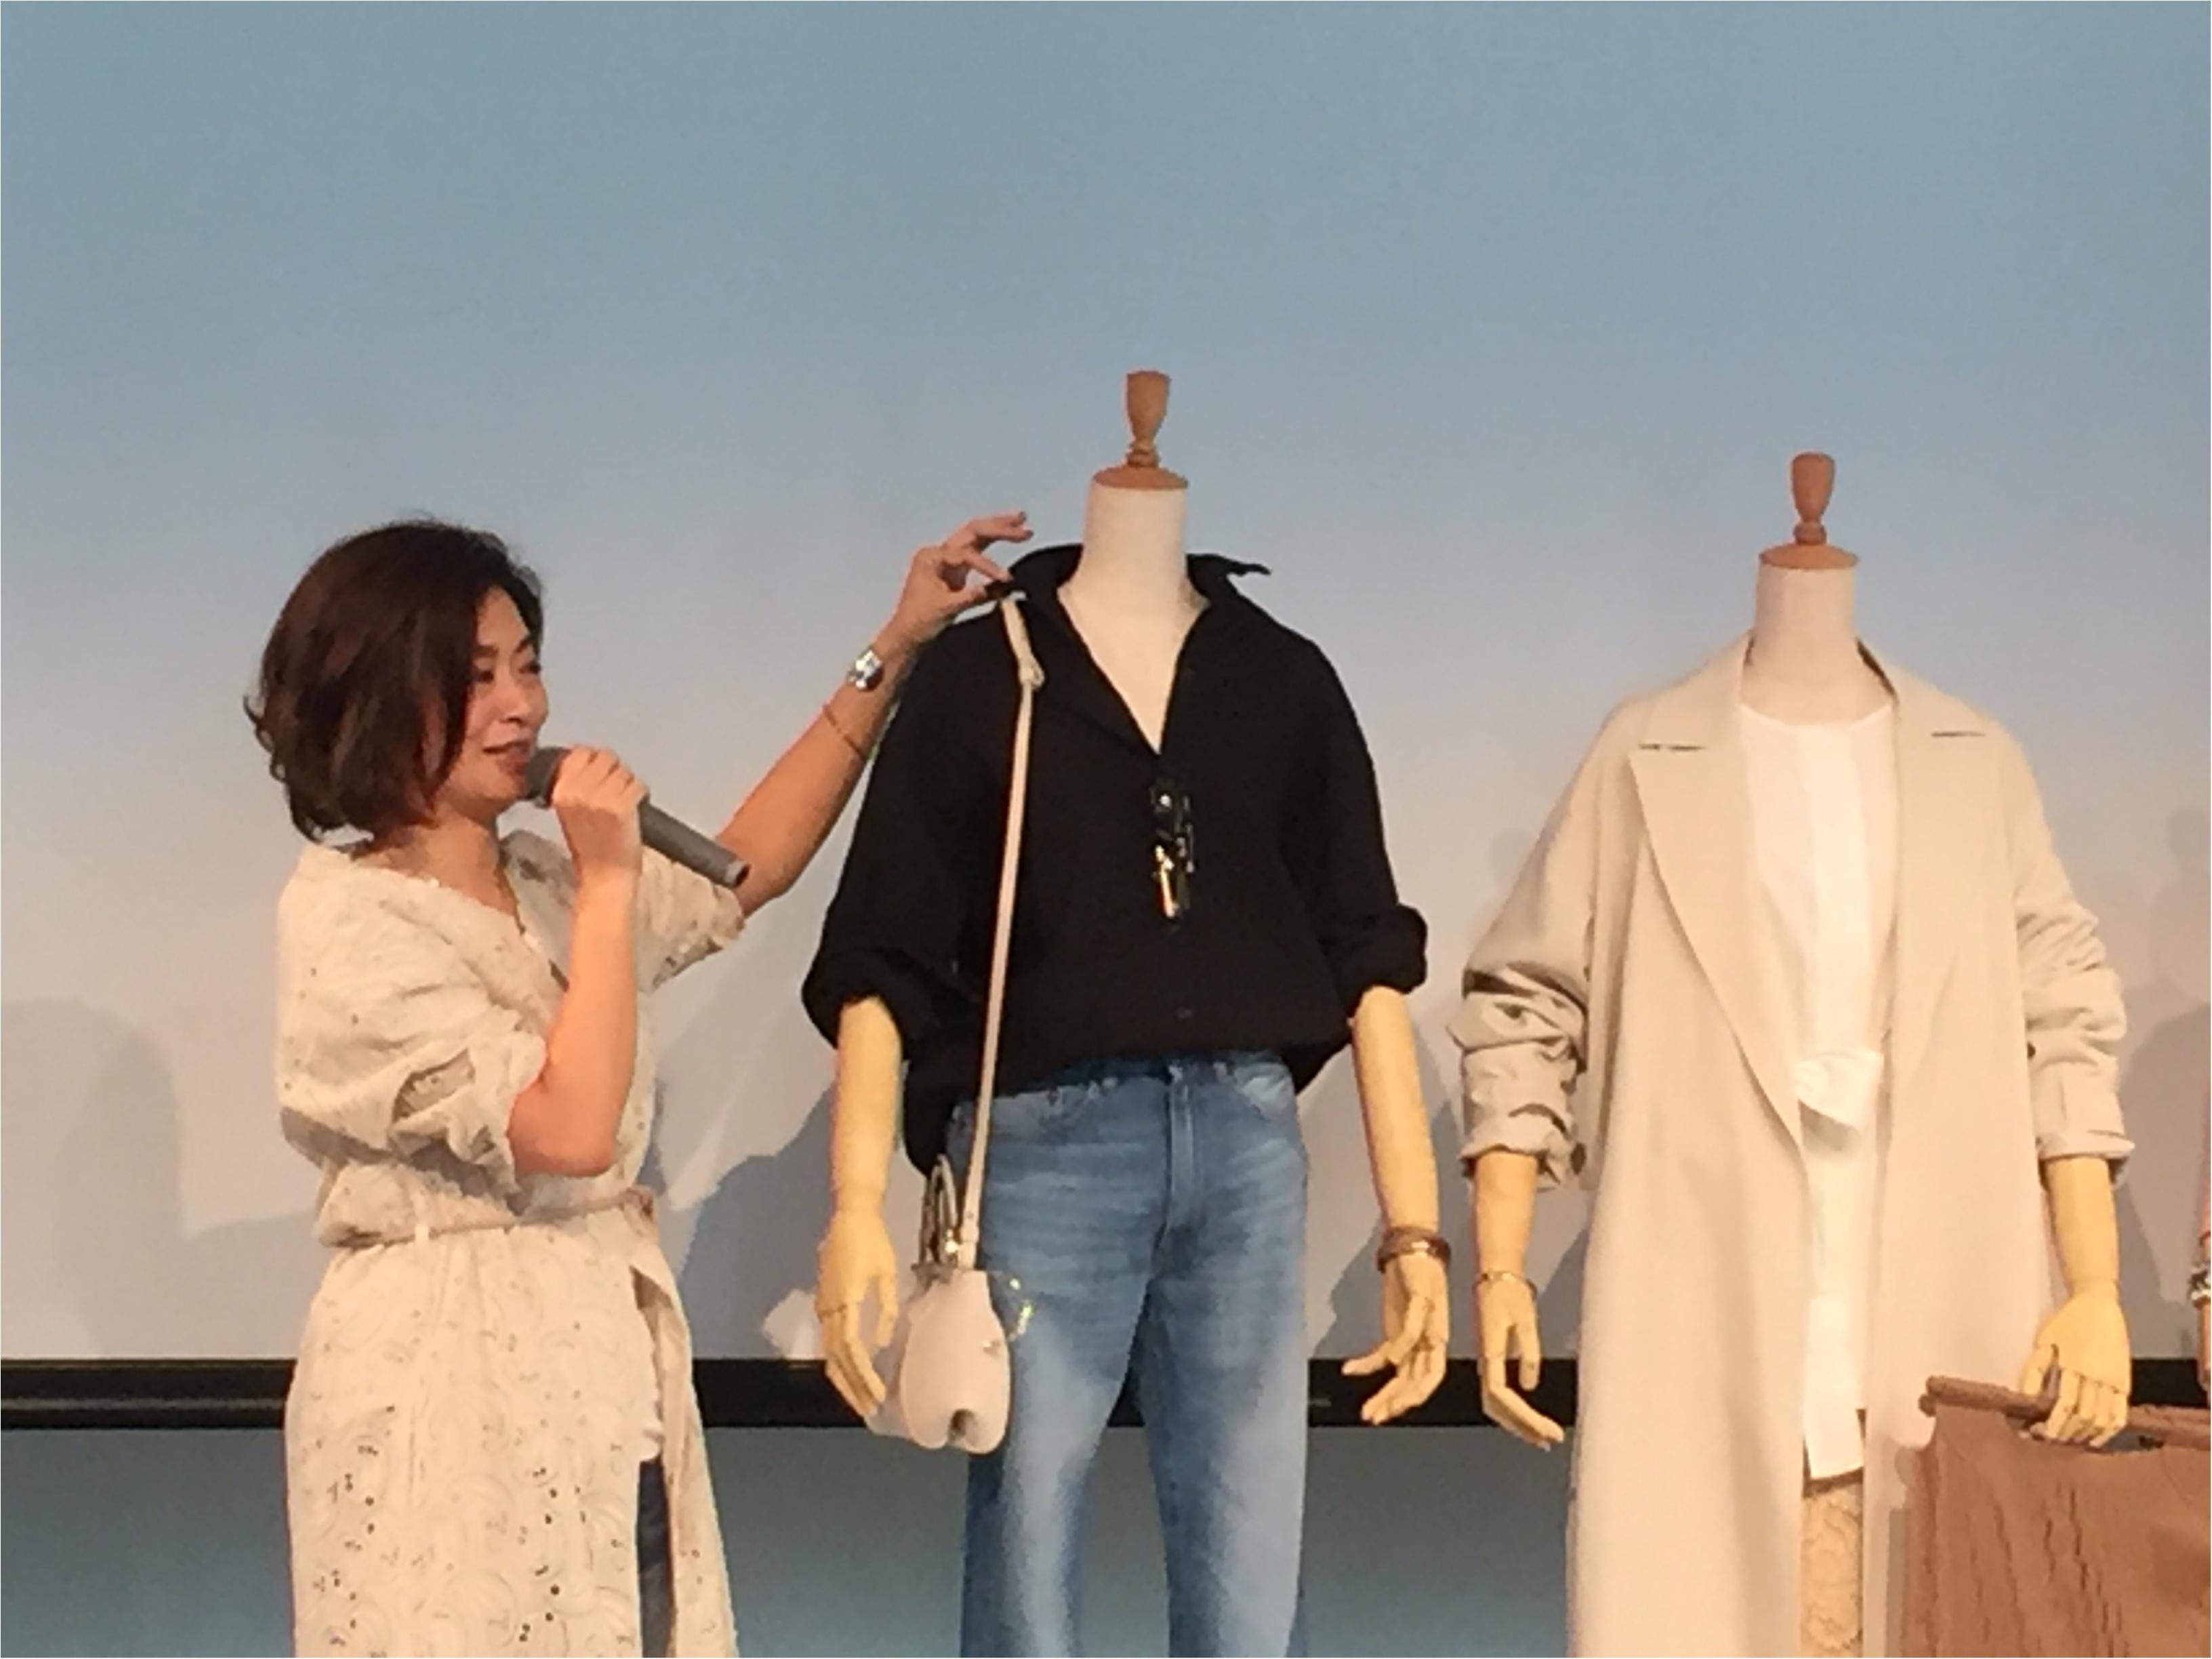 「ベーシック服をおしゃれに着こなす術」を学ぶ!グランフロント大阪で、キラめくワタシをプロデュースしよう!_4